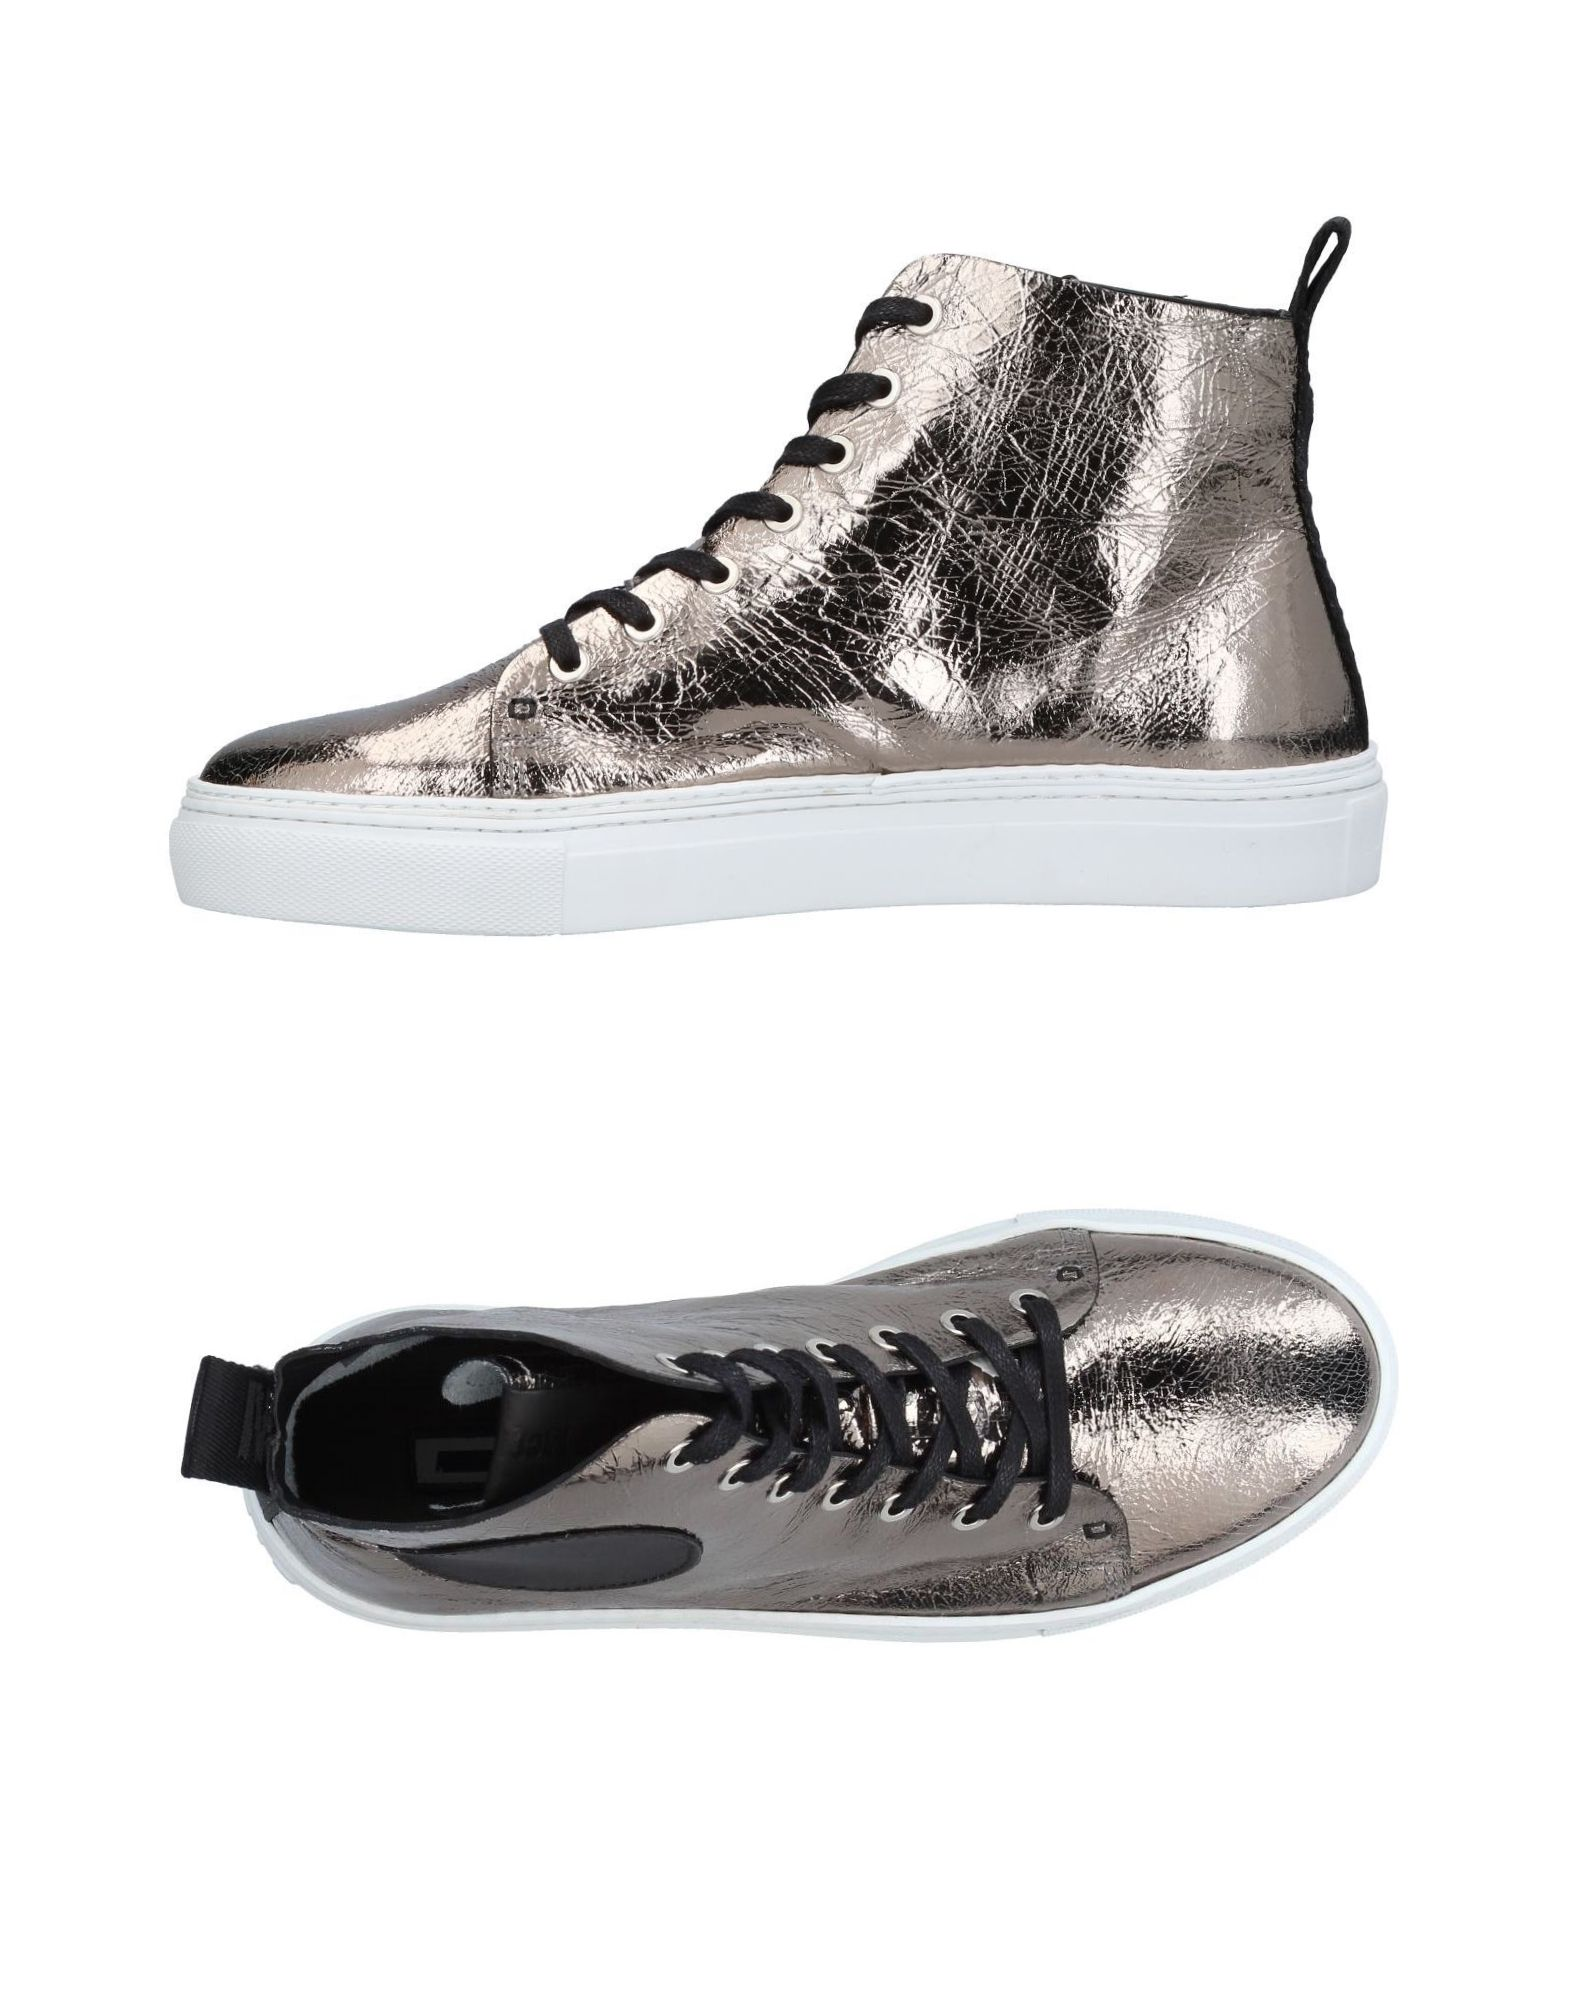 Mcq Alexander Mcqueen Sneakers Herren  11407805HR Neue Schuhe